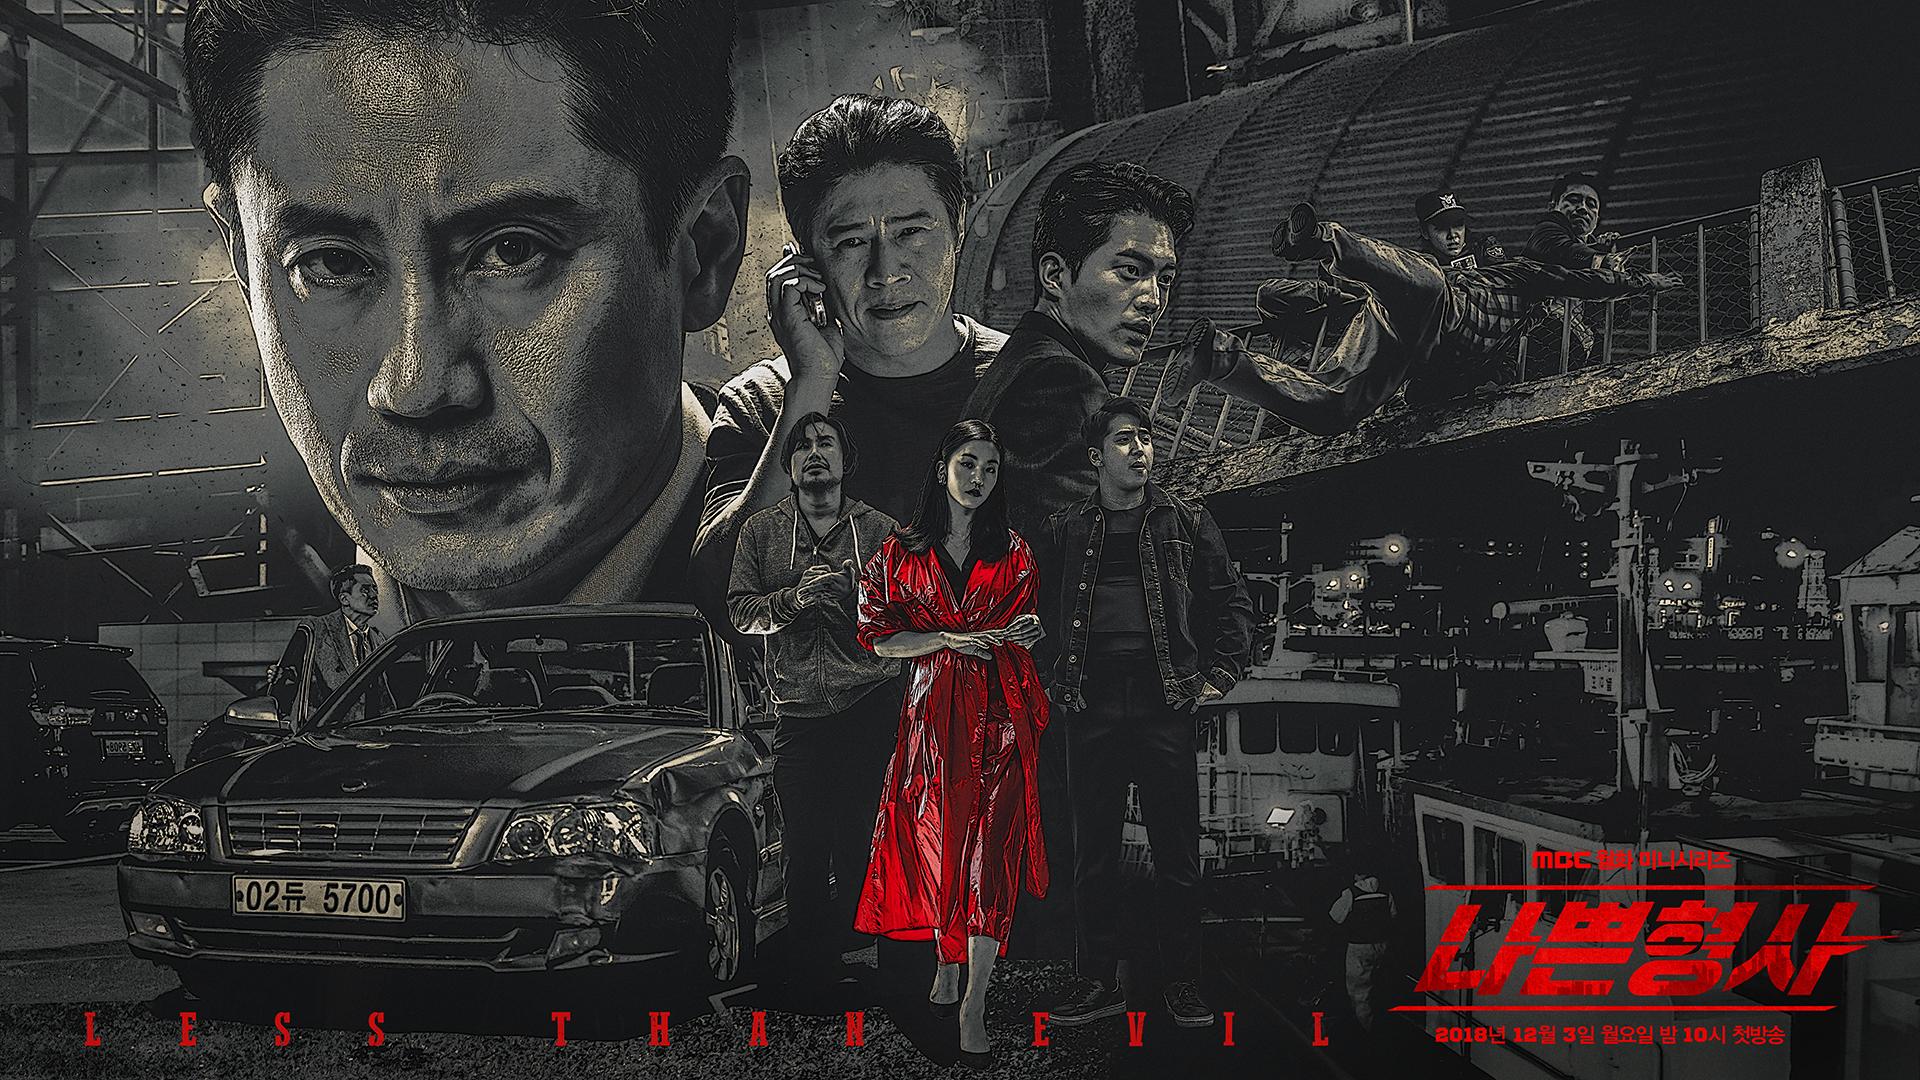 방송 첫 주 만에 콘텐츠 영향력 지수 1위 등극!